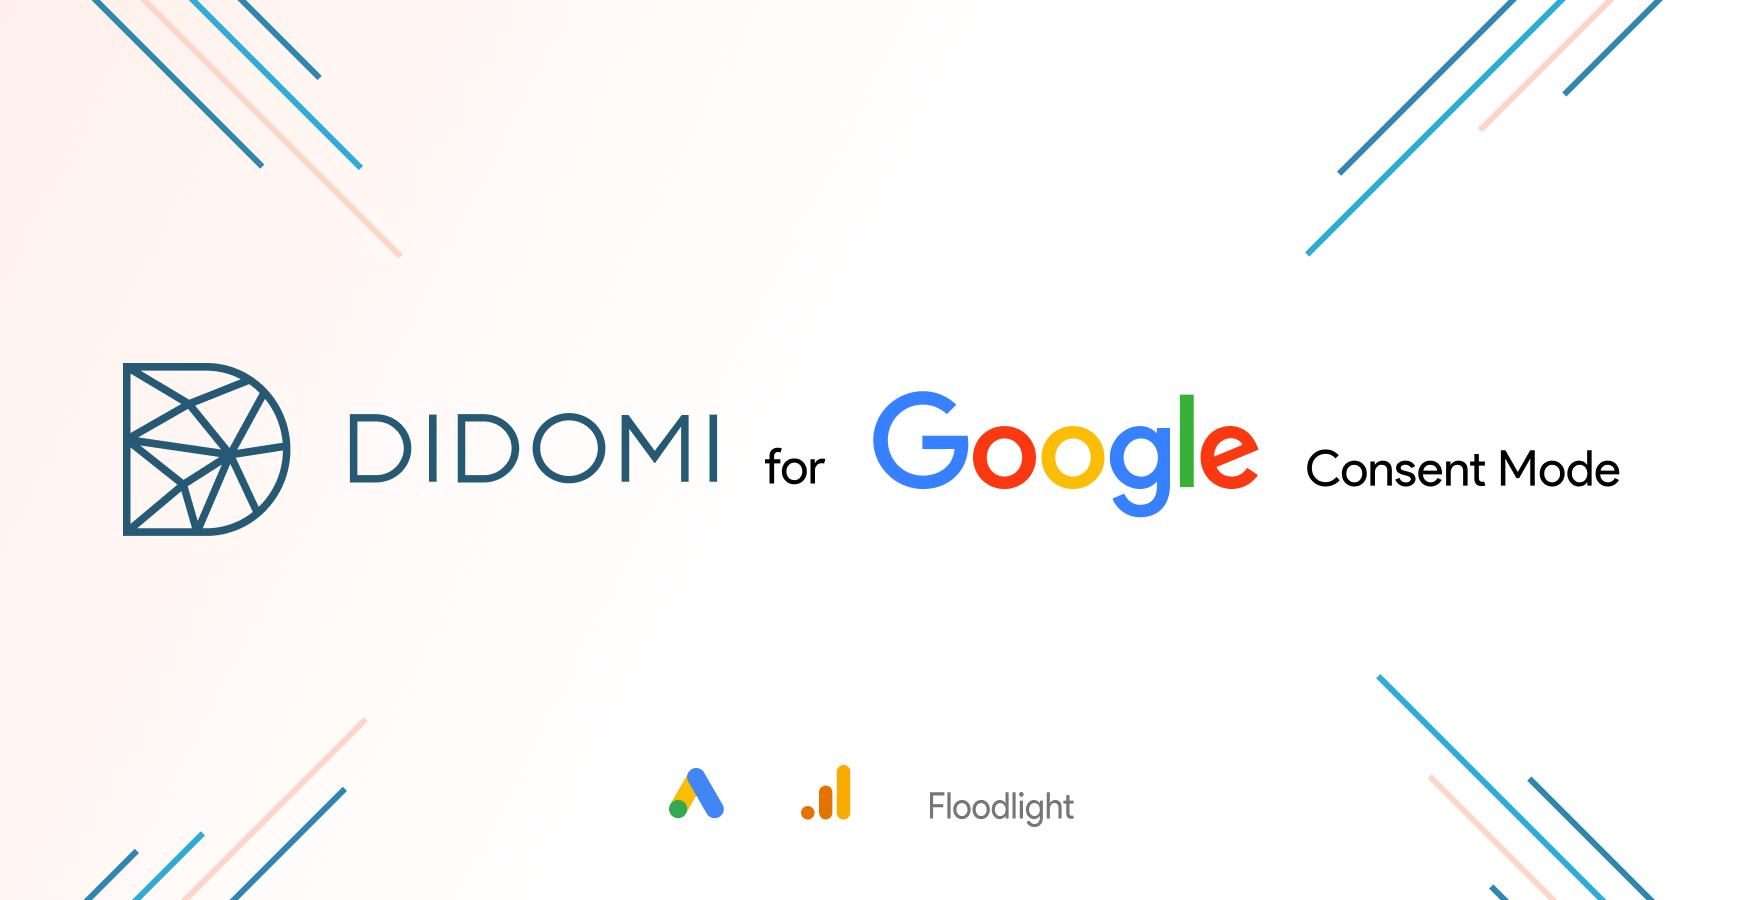 Didomi per Google Consent Mode: misurare le conversioni nel rispetto delle scelte di consenso degli utenti